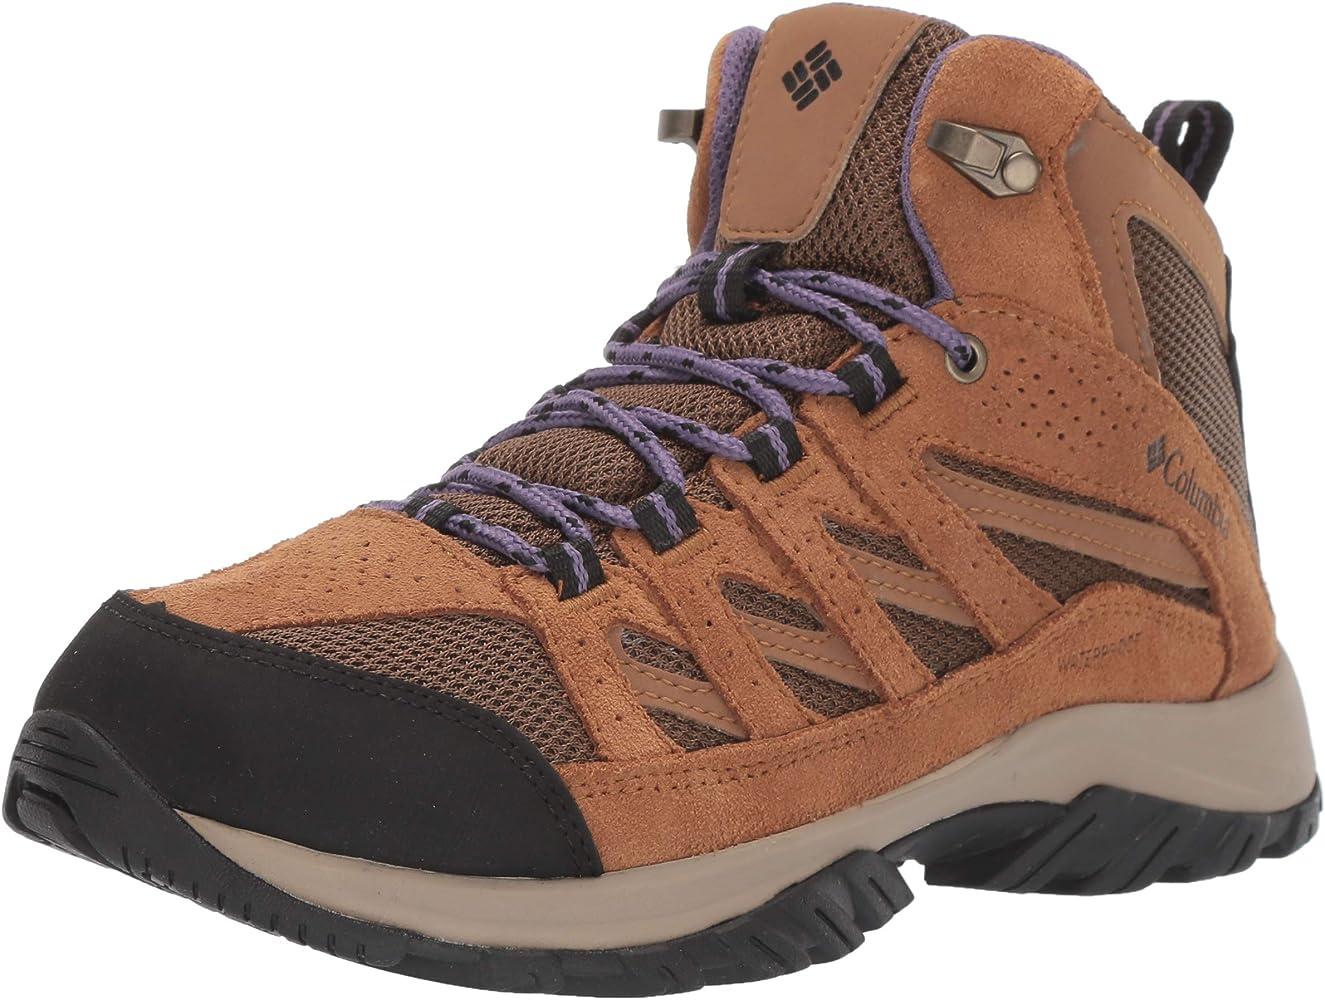 Crestwood Mid Waterproof Hiking Shoe